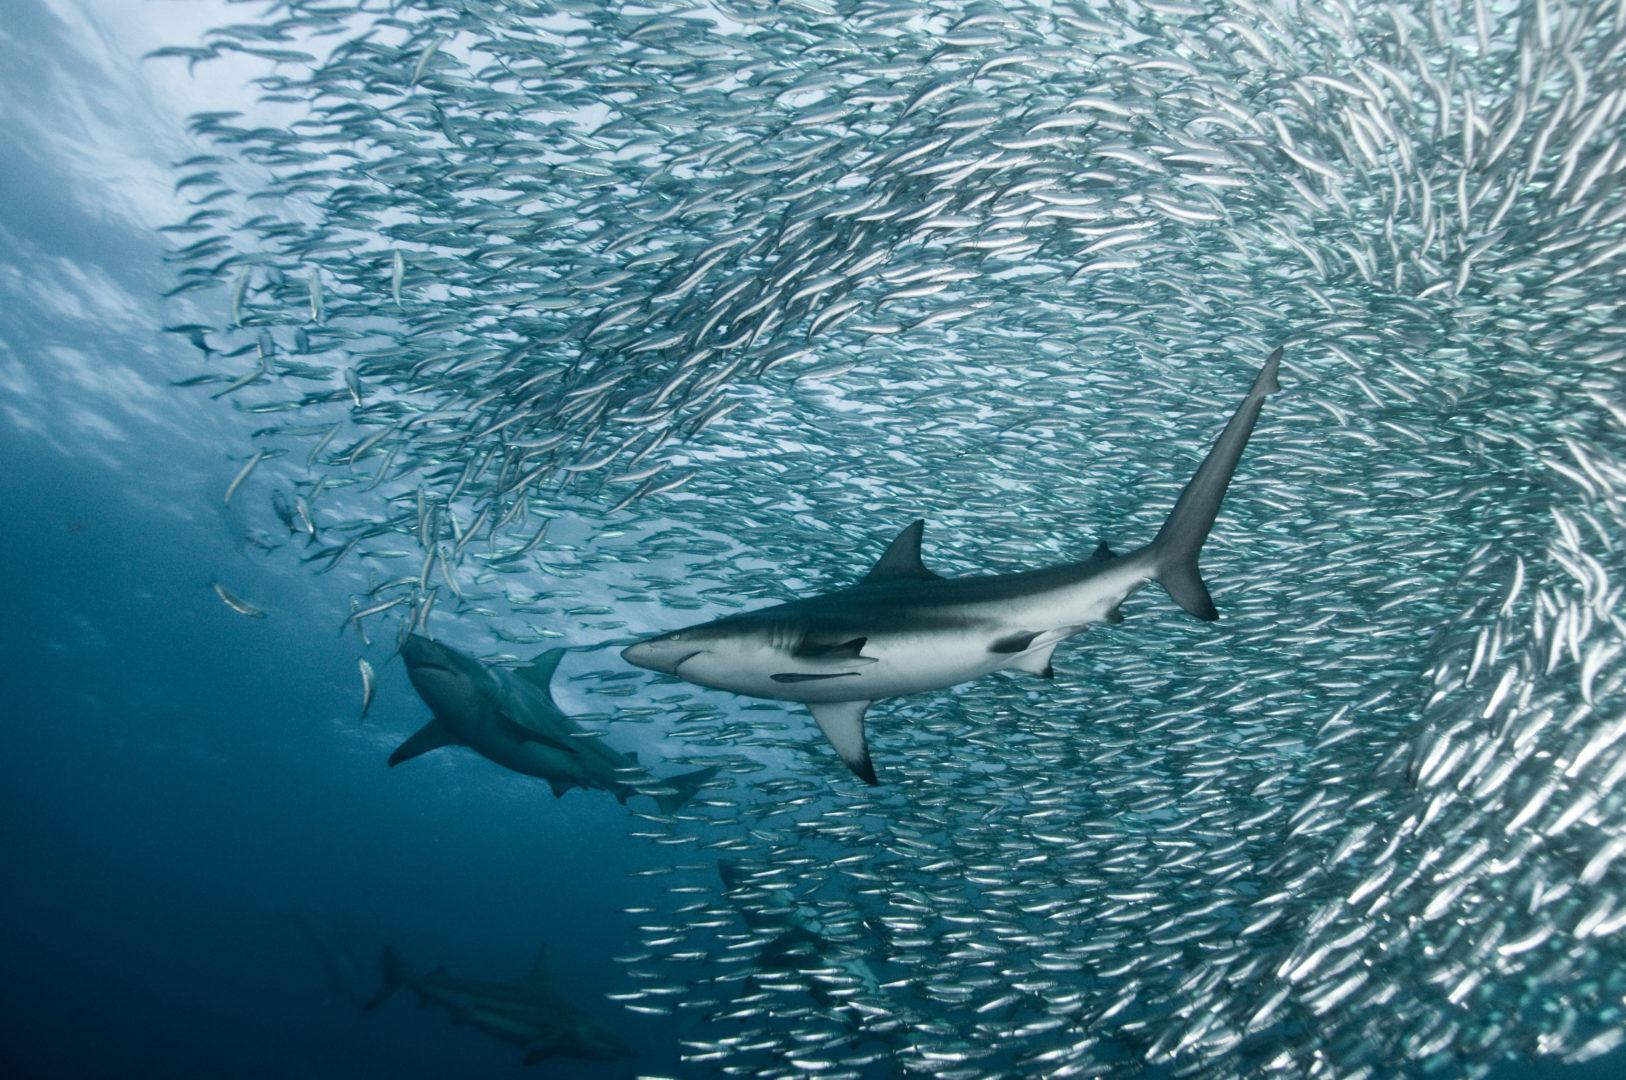 sardine and shark